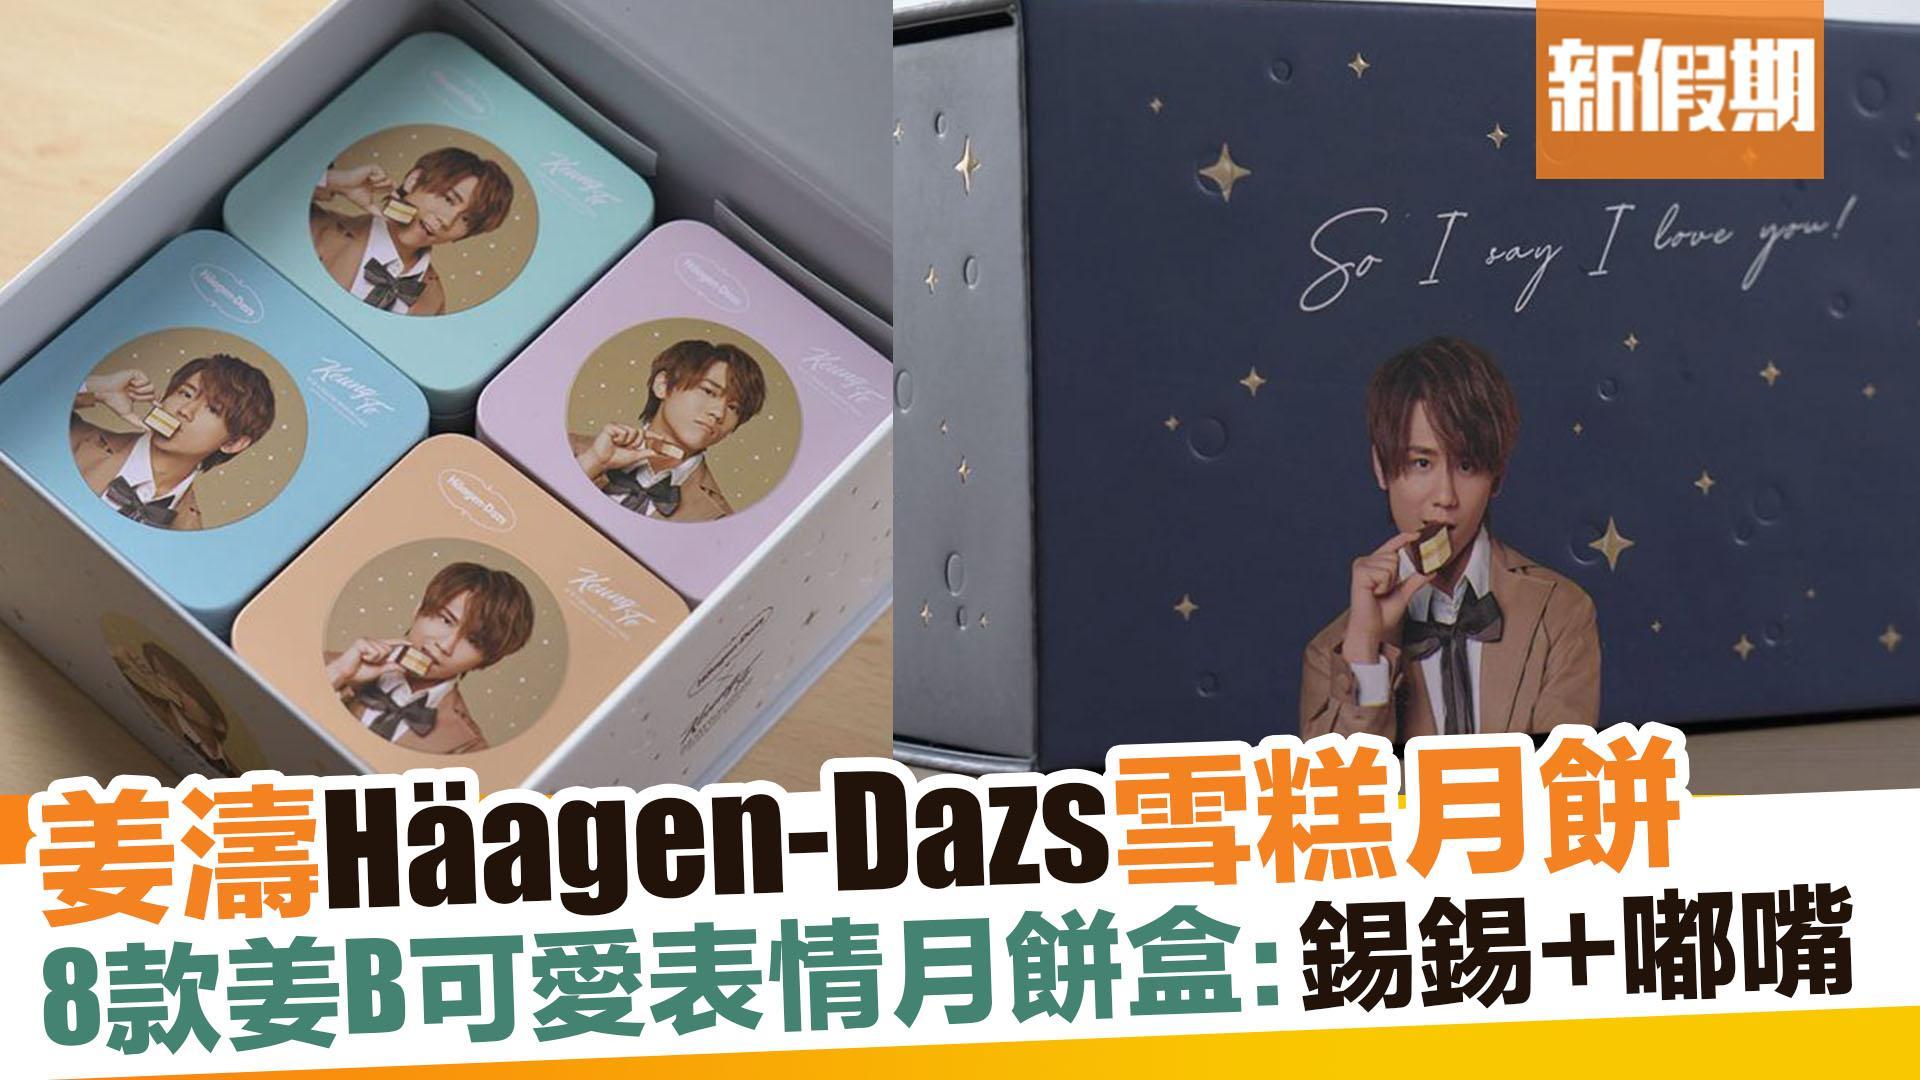 【新品新遞】Häagen-Dazs首推姜濤特別版雪糕月餅 8款姜濤可愛+型爆造型 新假期